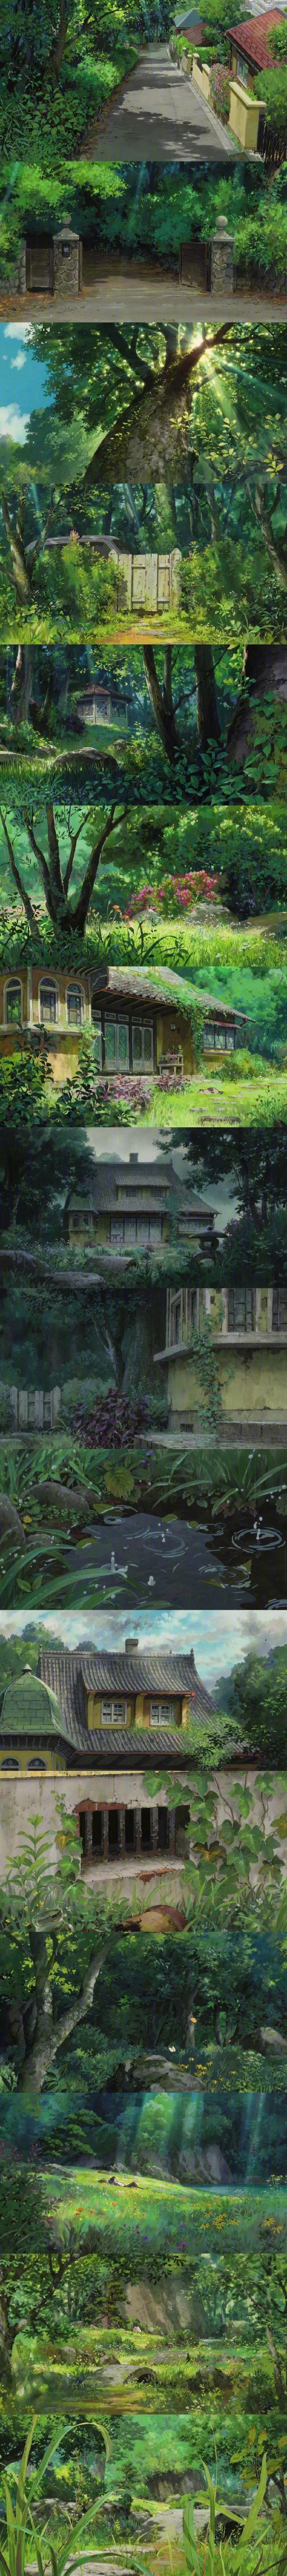 宫崎骏的动画世界 壁纸特辑,人间真有这些地方就好了!_图片 No.8